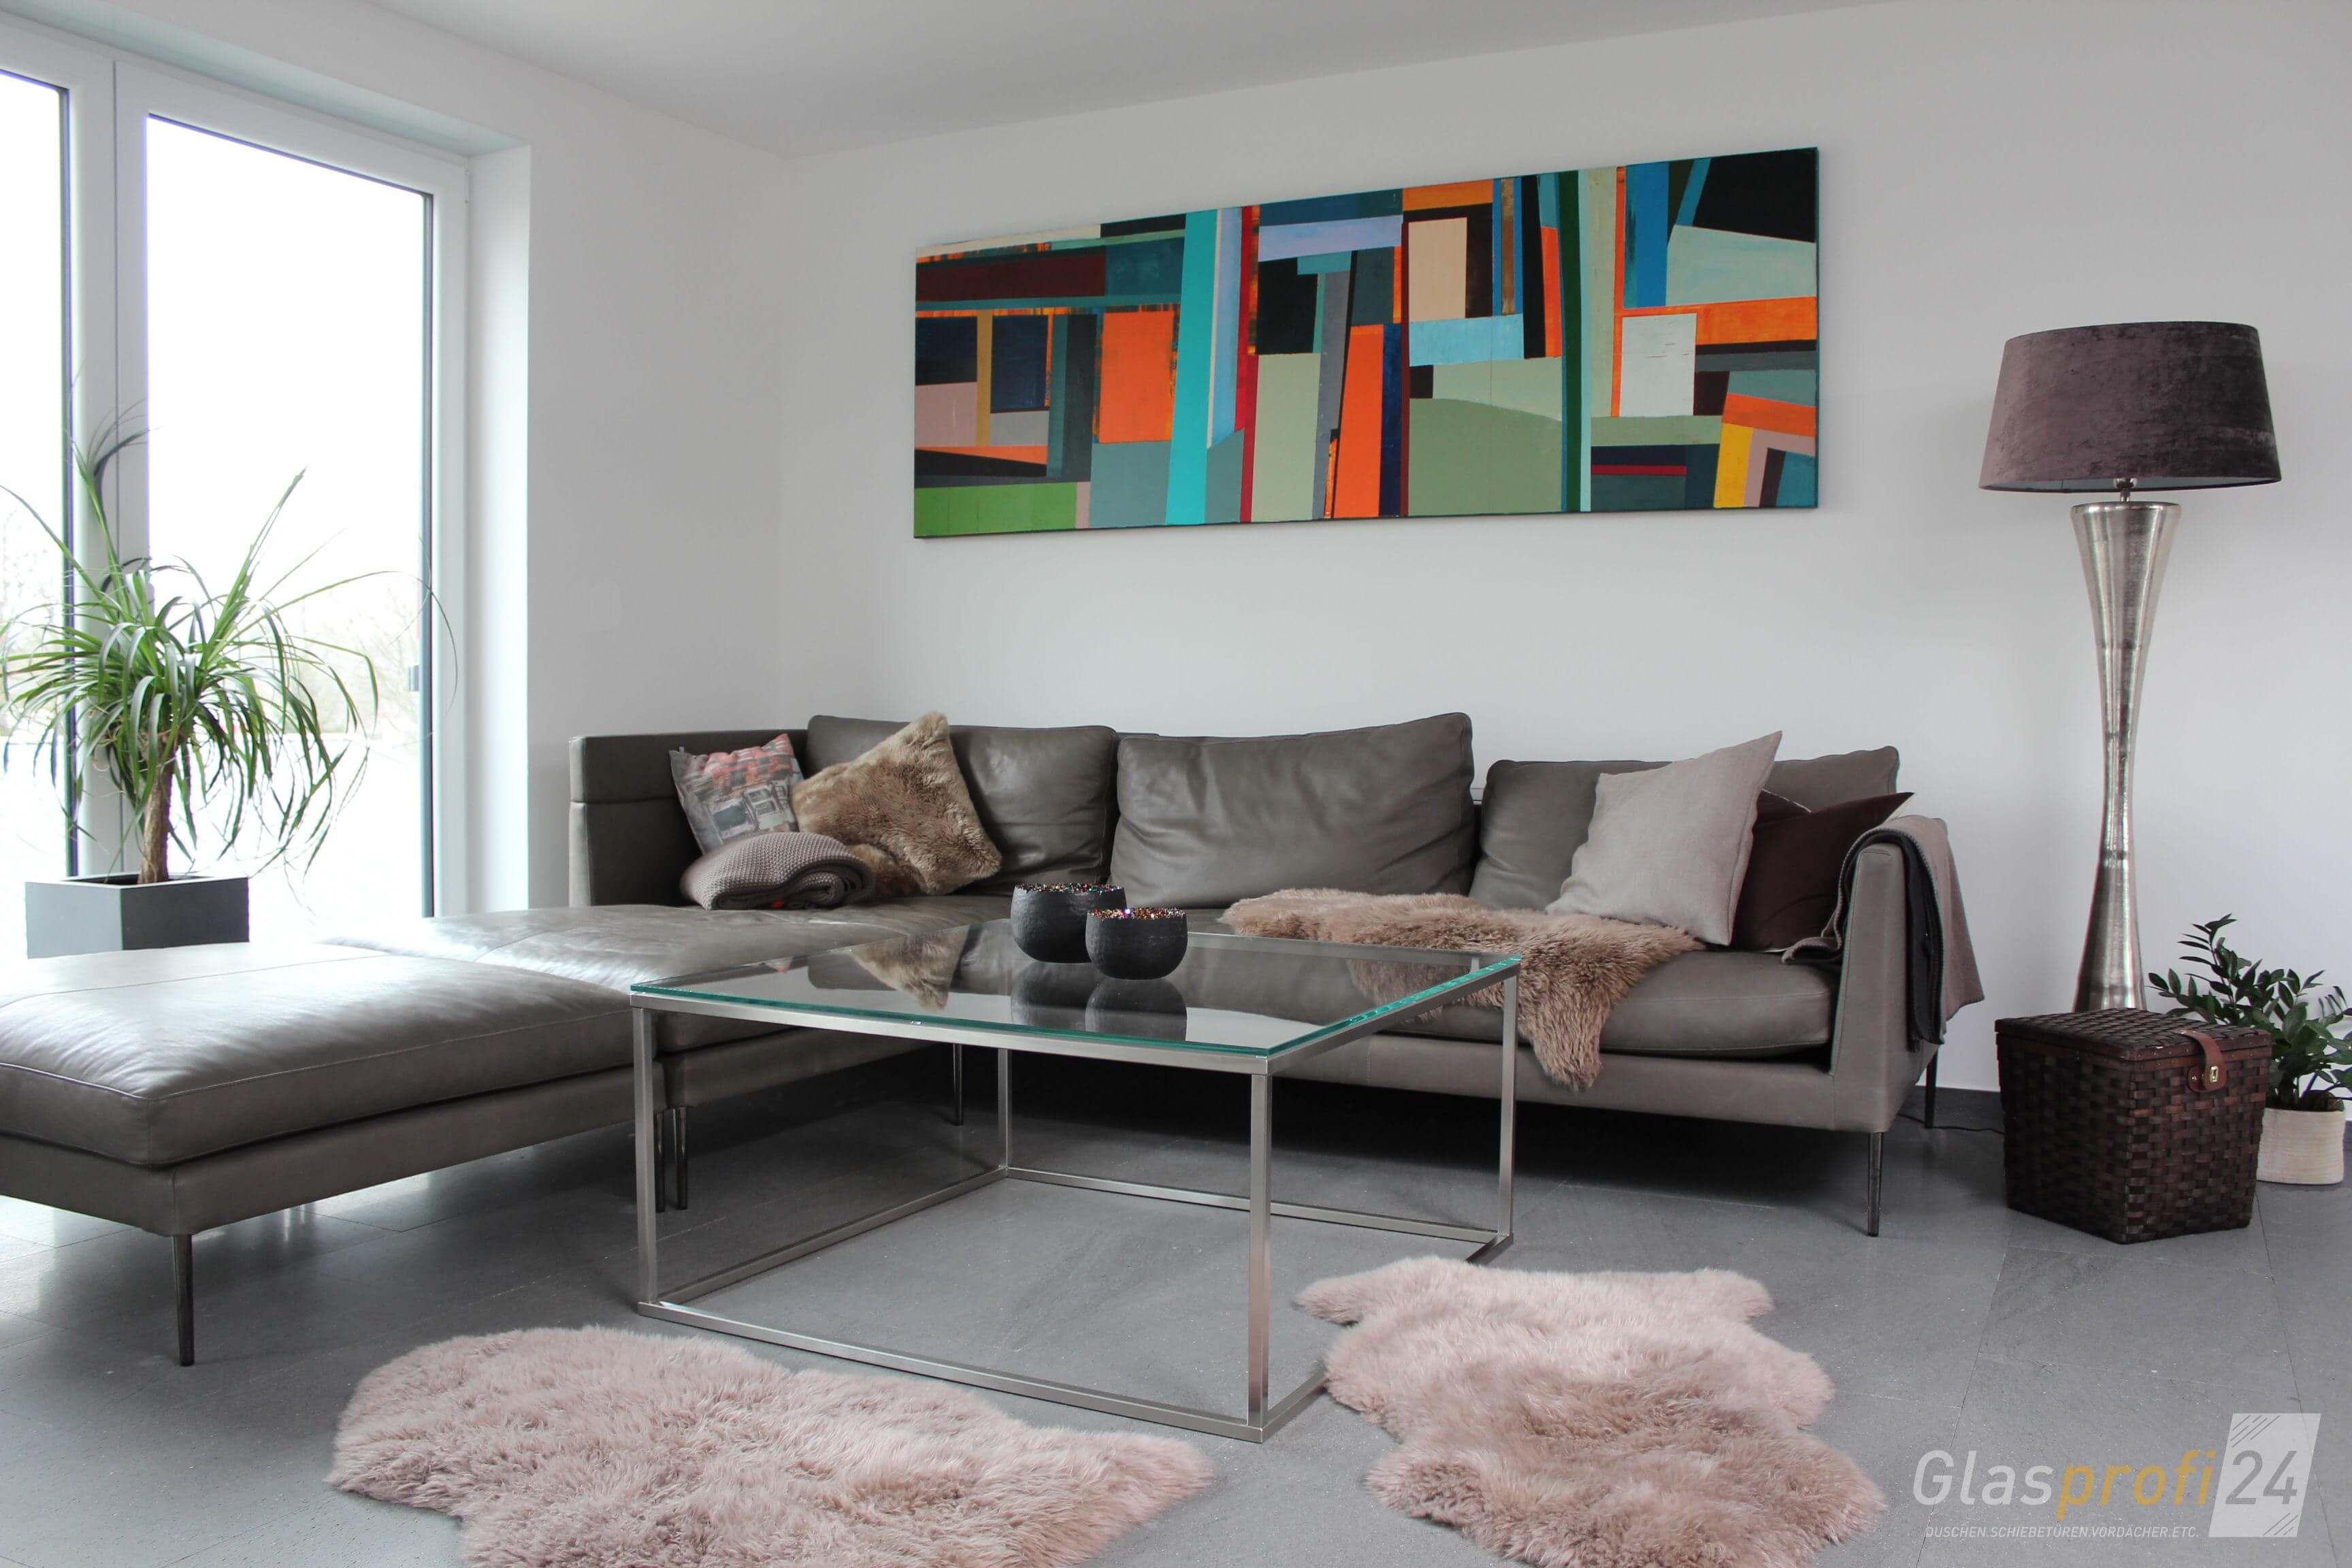 glas tische glasprofi24. Black Bedroom Furniture Sets. Home Design Ideas